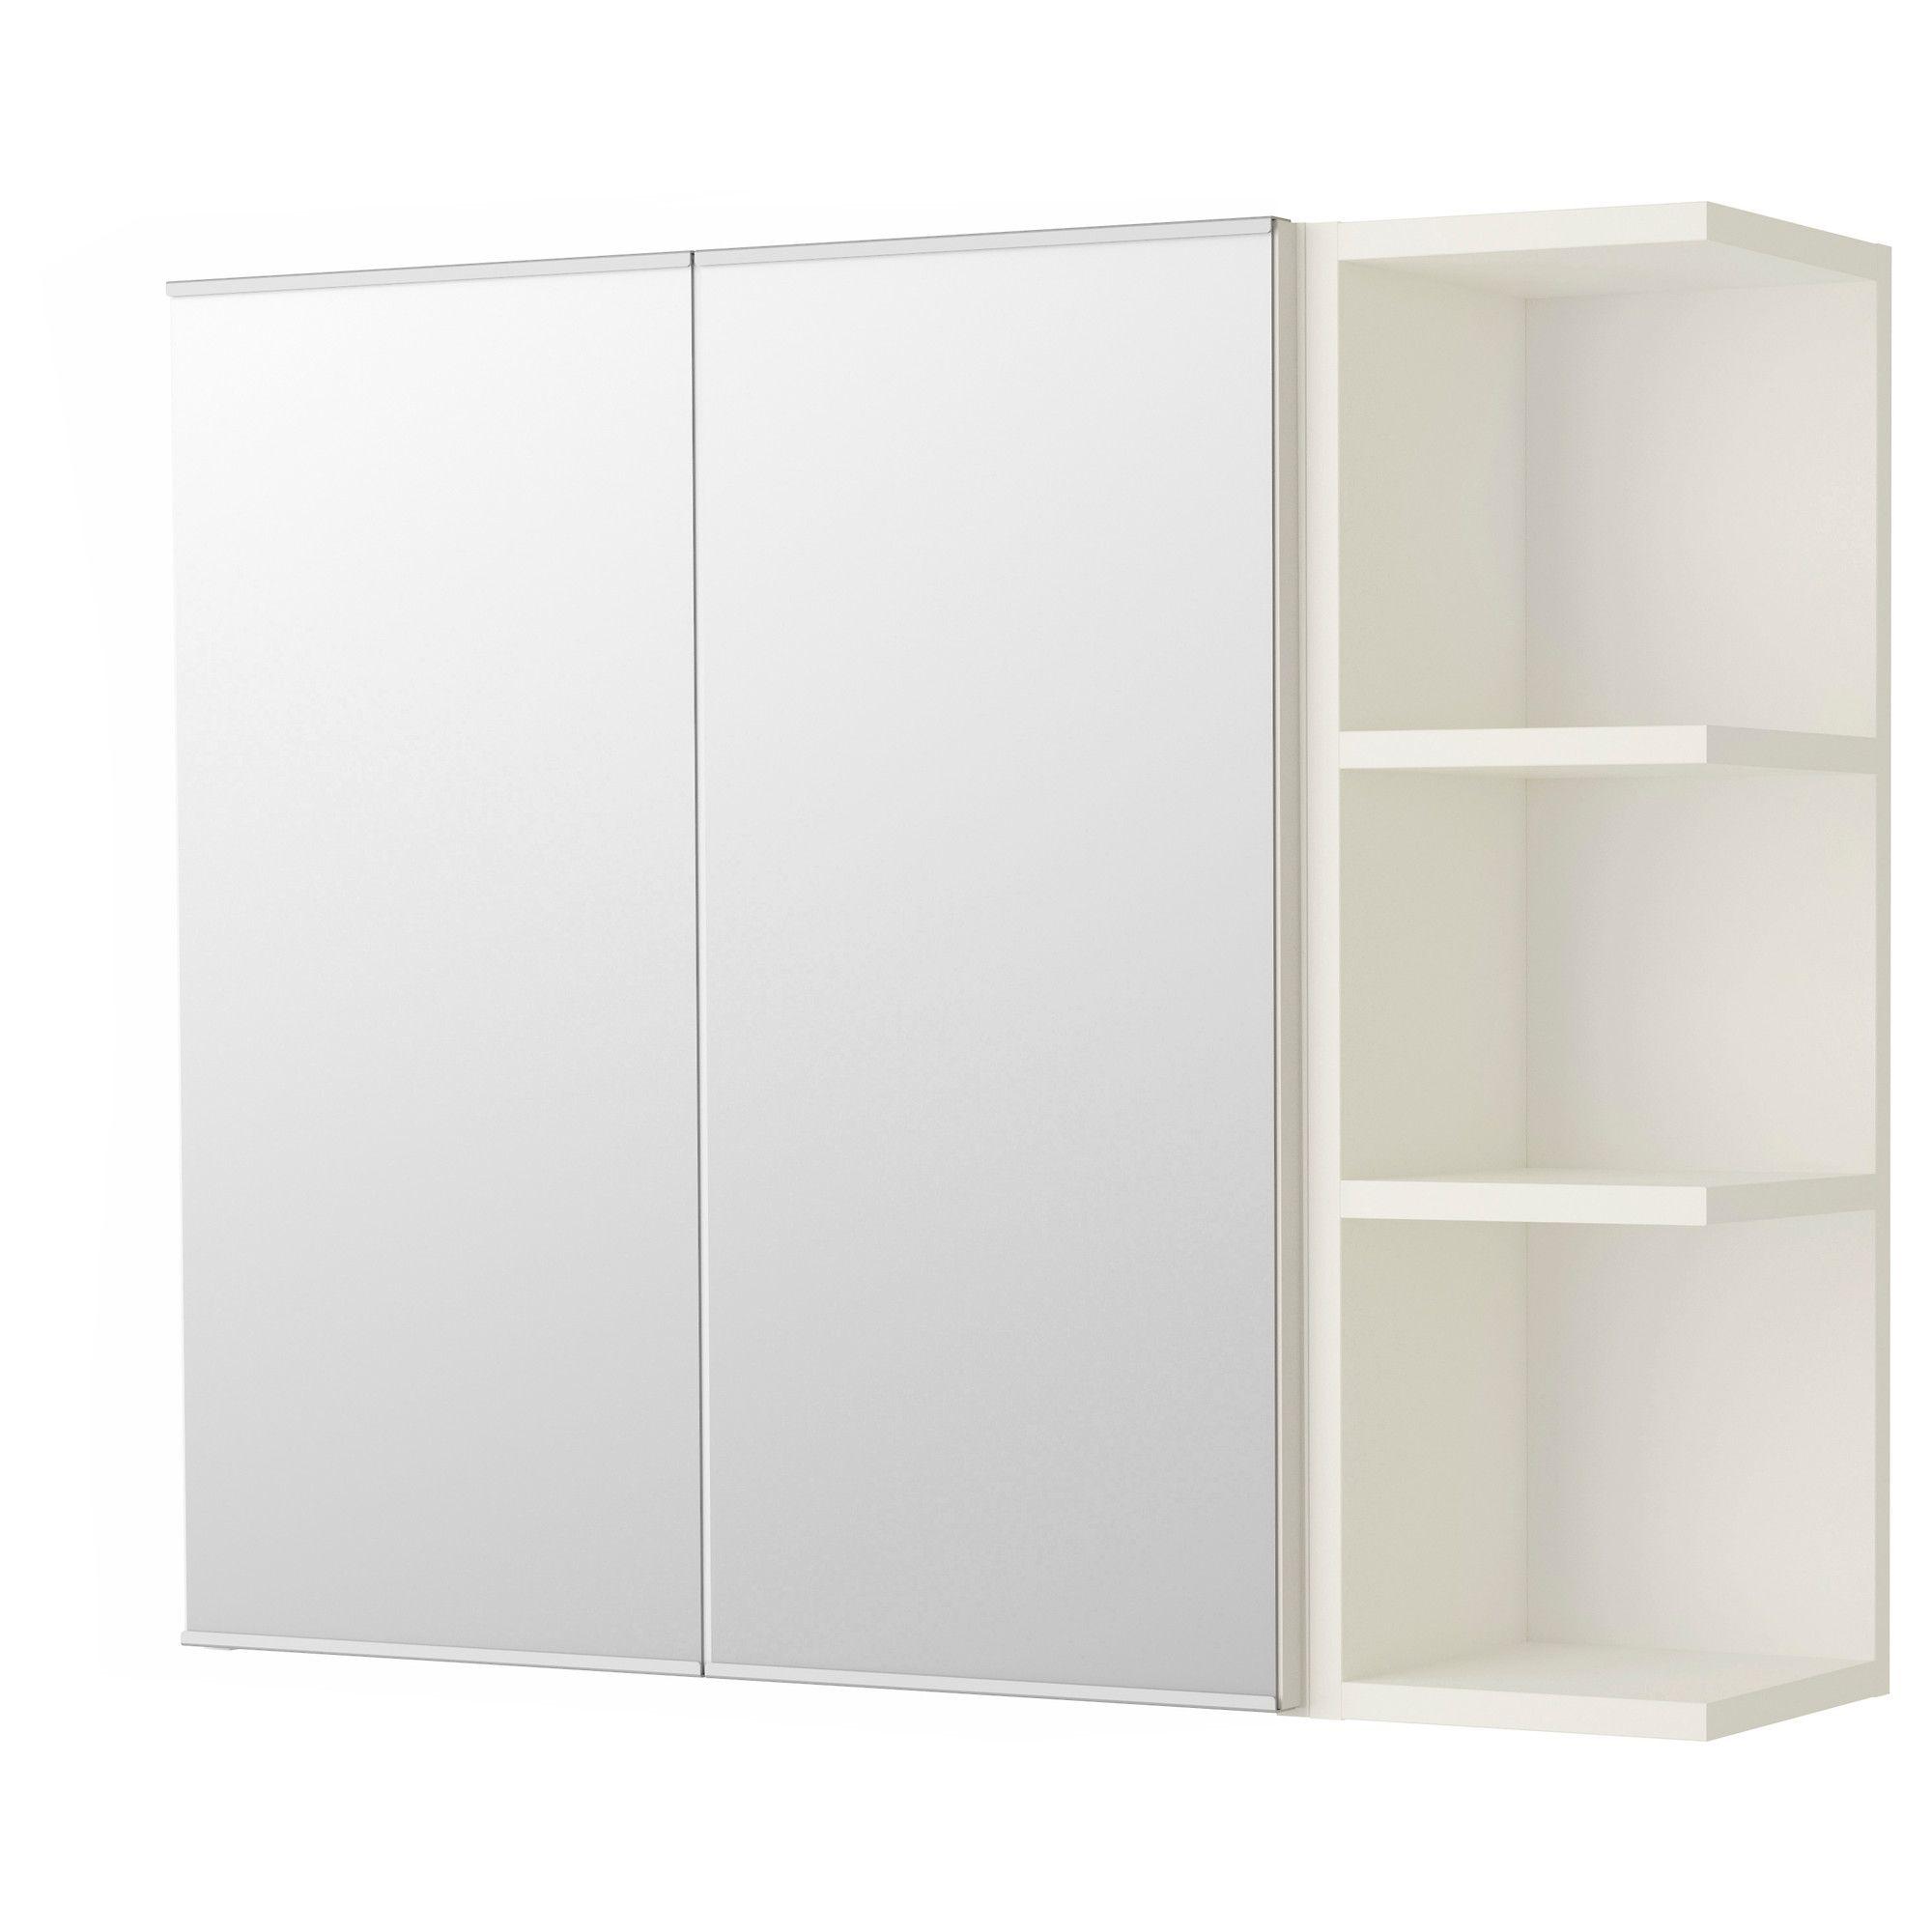 Ikea Mobili Bagno Pensili lillÅngen mobile a specchio/2 ante/1 scaffale - bianco